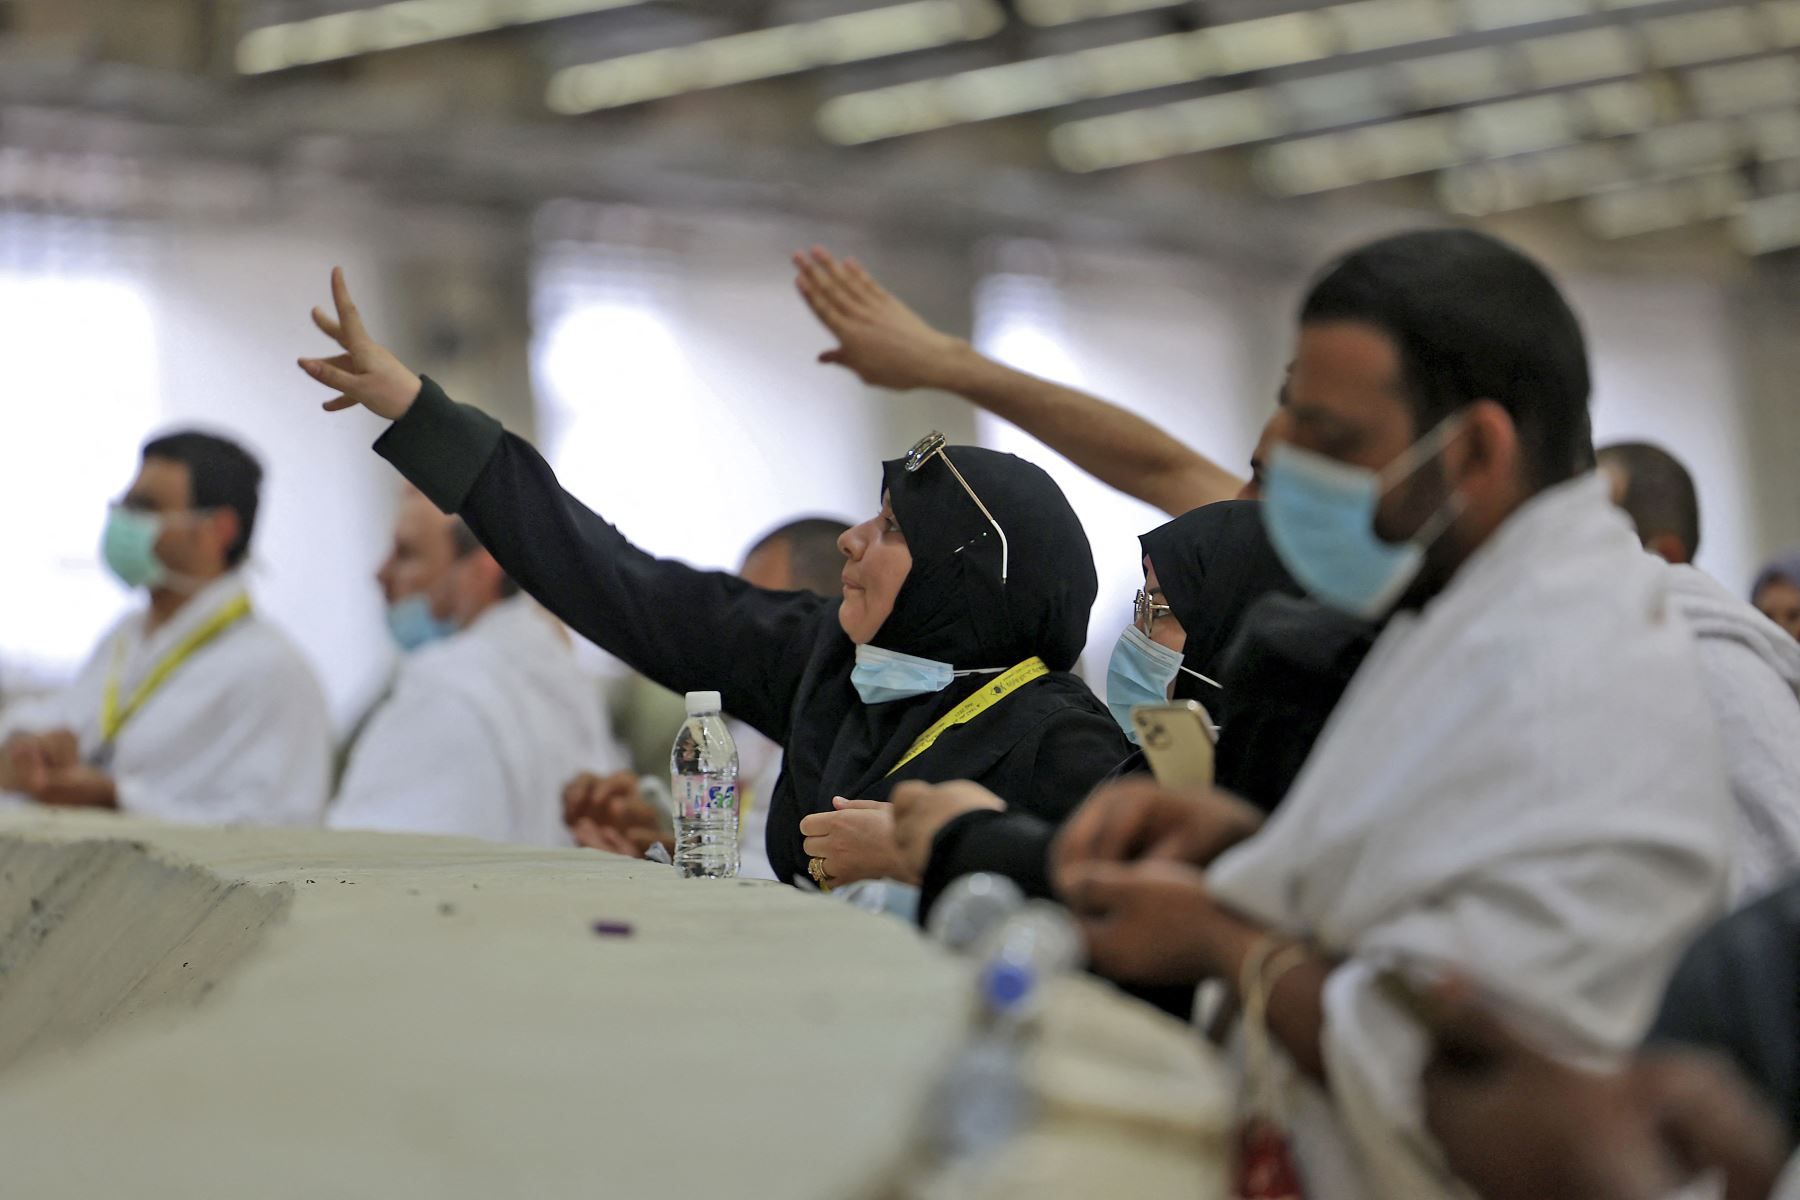 Los adoradores musulmanes arrojaron guijarros durante un ritual simbólico como parte de la peregrinación del Hajj en Mina, cerca de la ciudad sagrada de La Meca, en Arabia Saudita. Foto: AFP